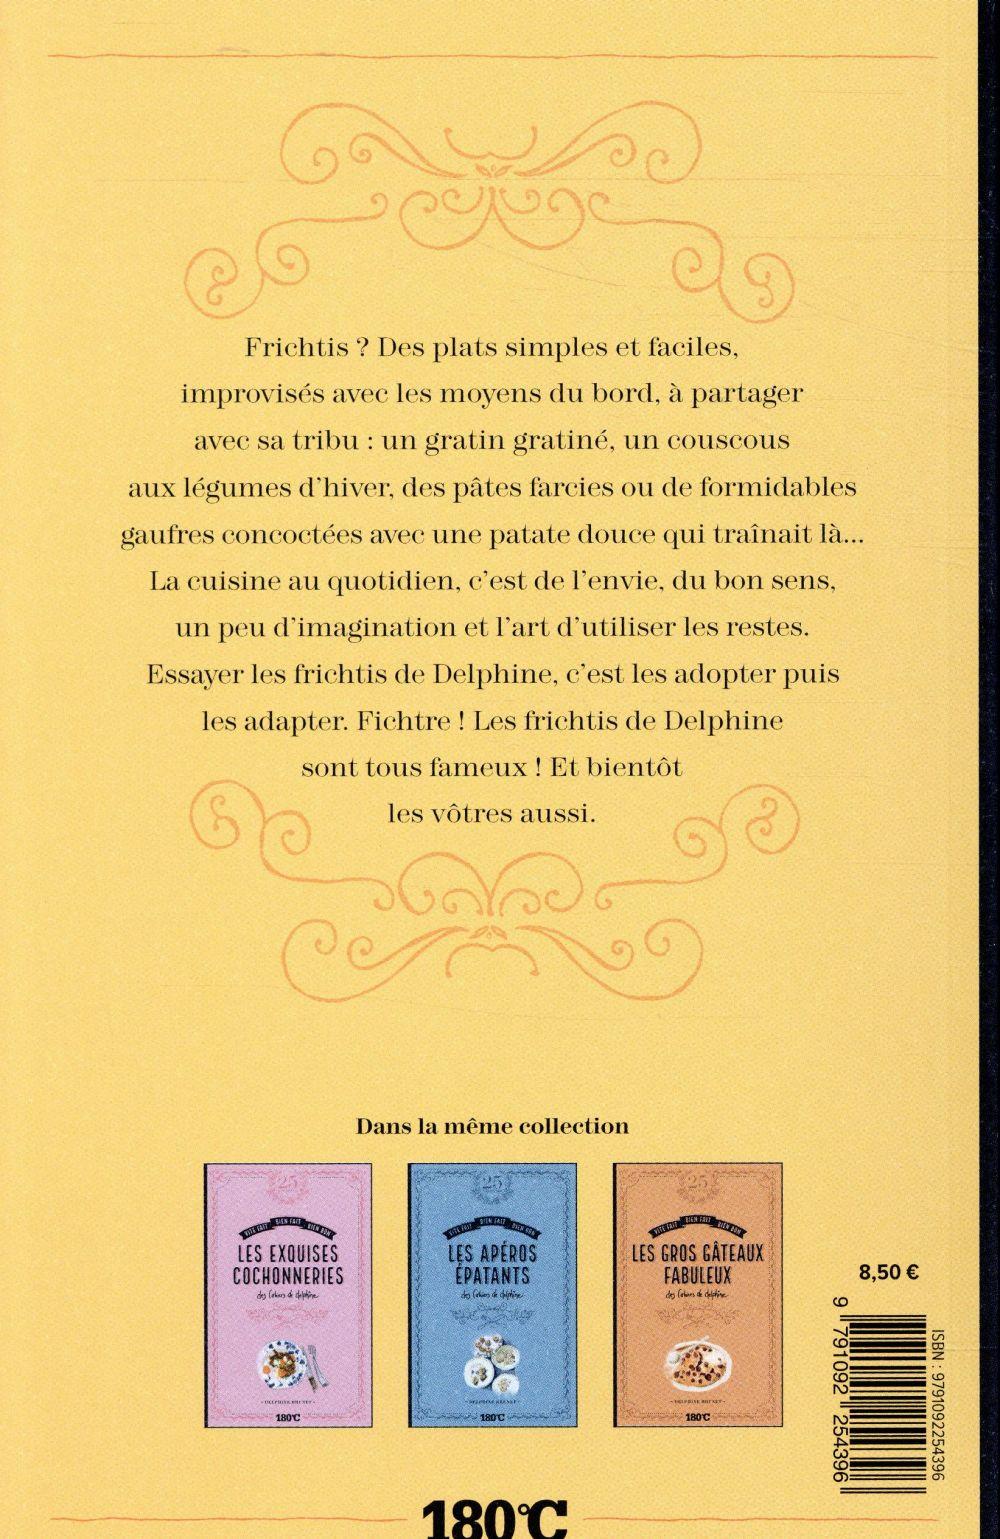 Les délicieux frichtis des cahiers de Delphine